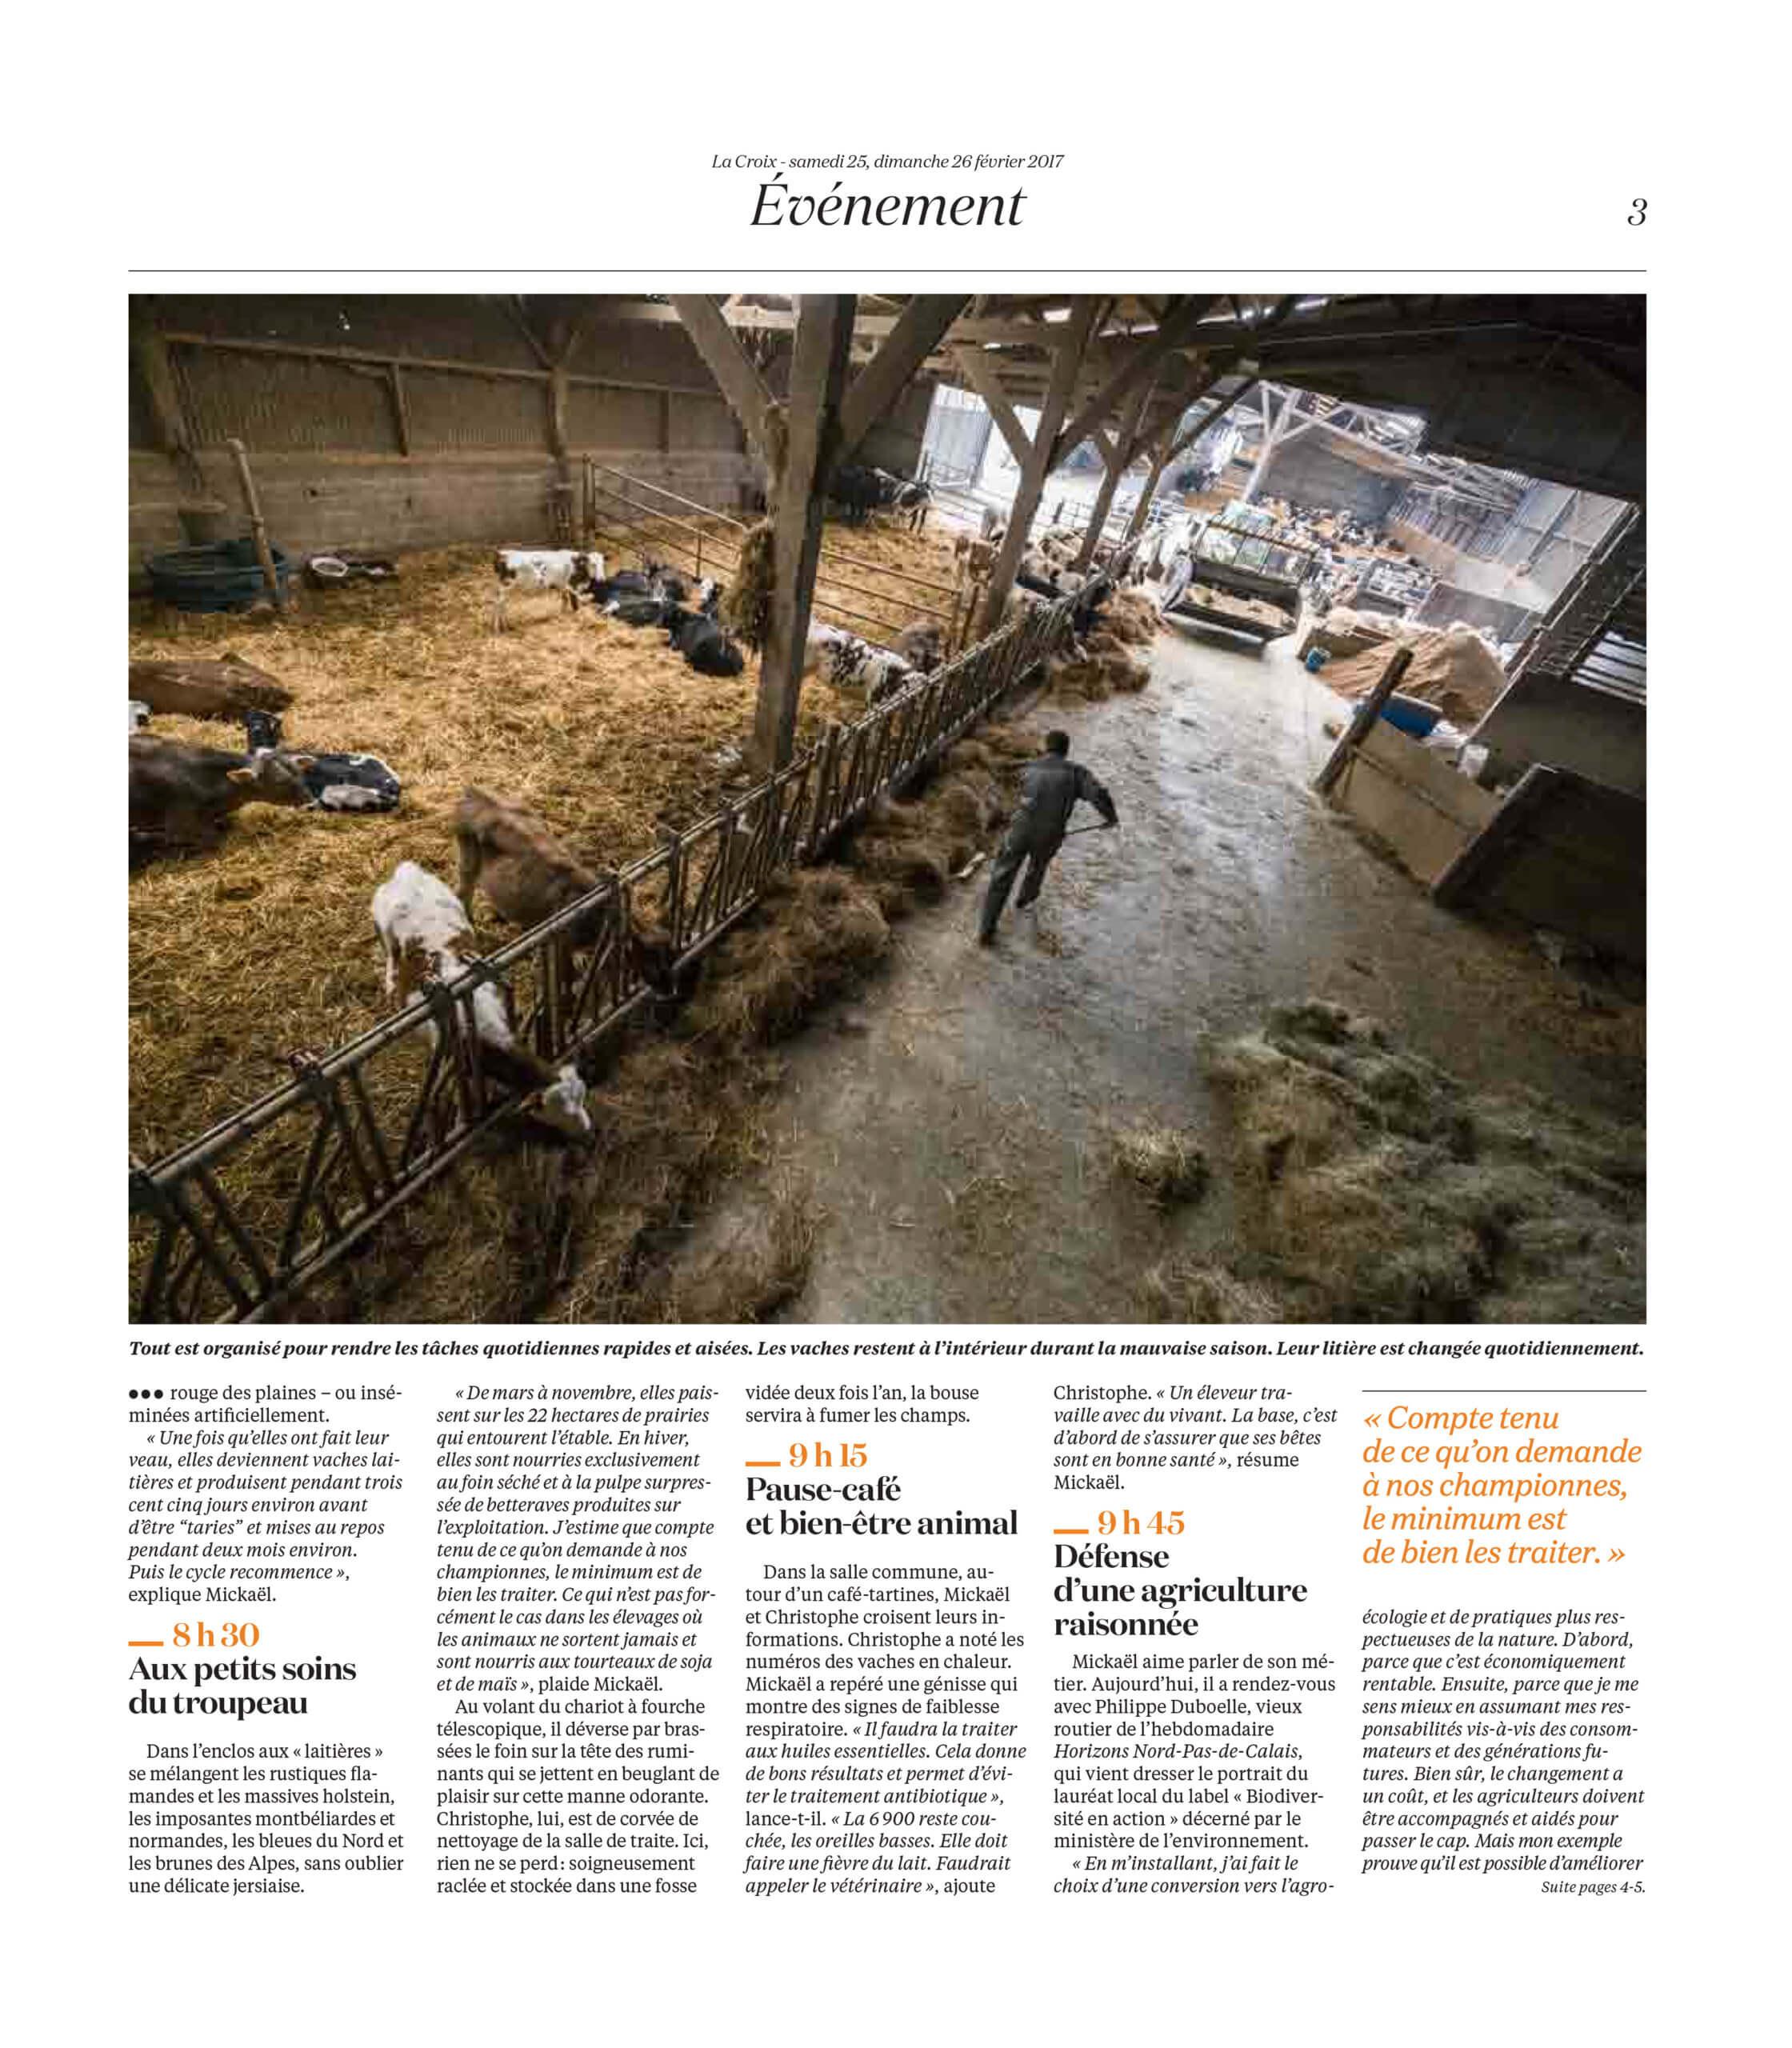 La Vie d'une ferme au fil du jour : La Croix (2017) - page 2